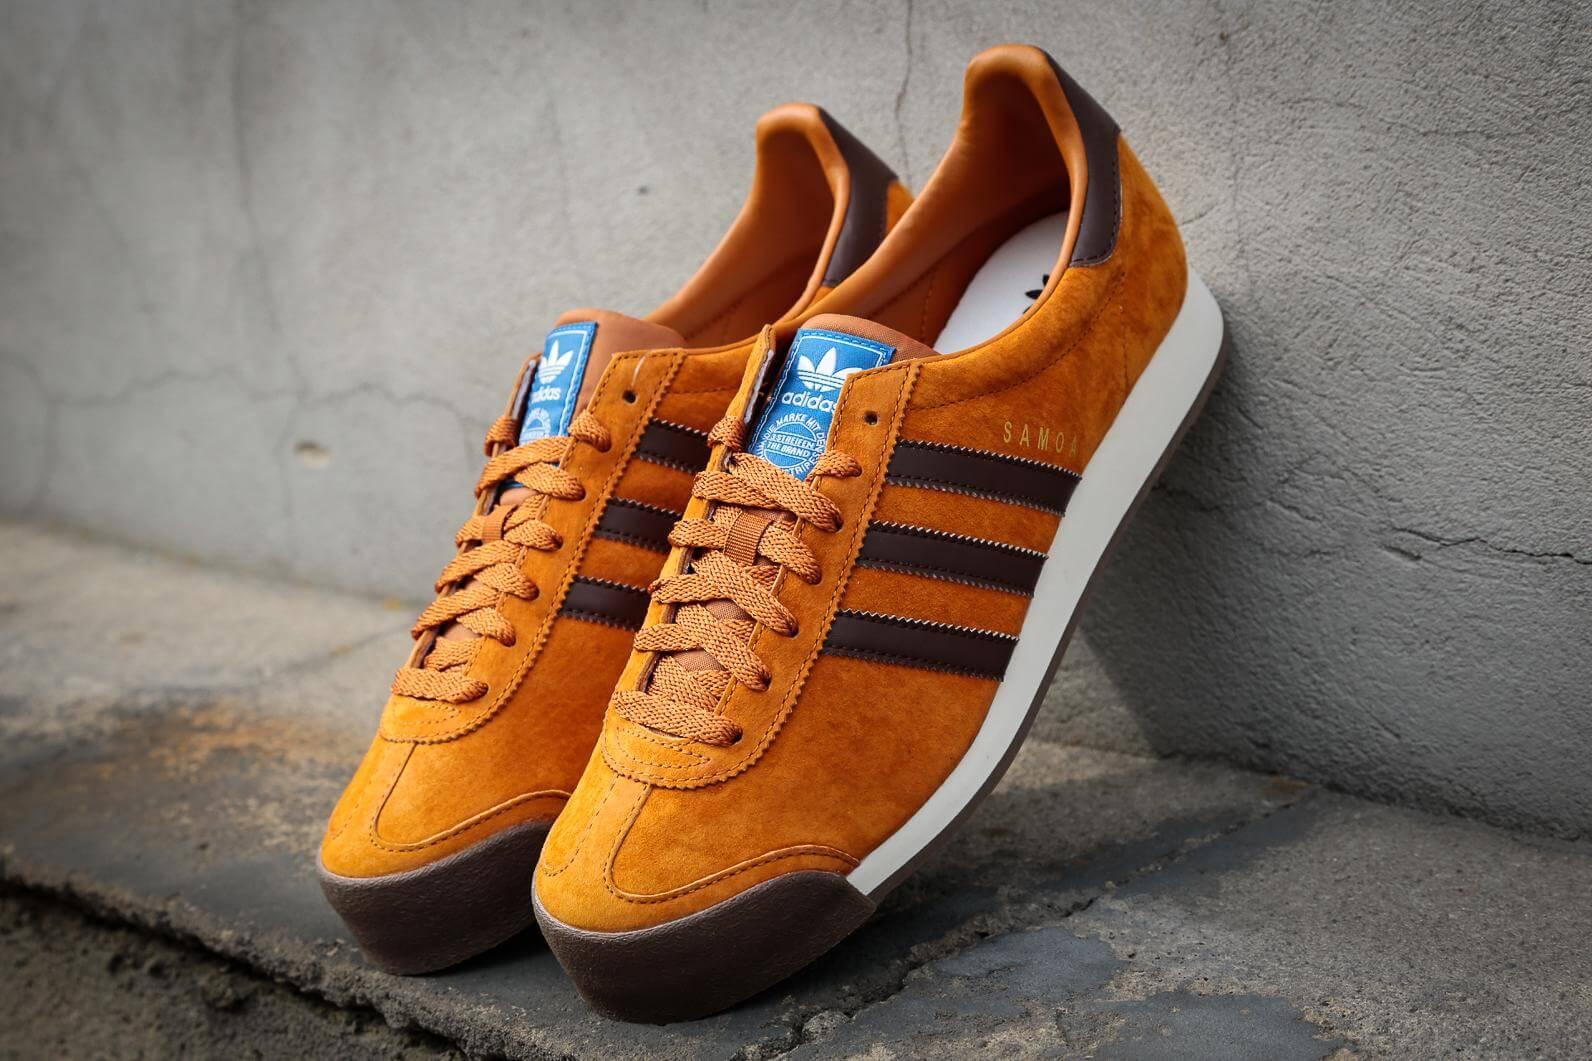 adidas samoa orange Online Shopping for